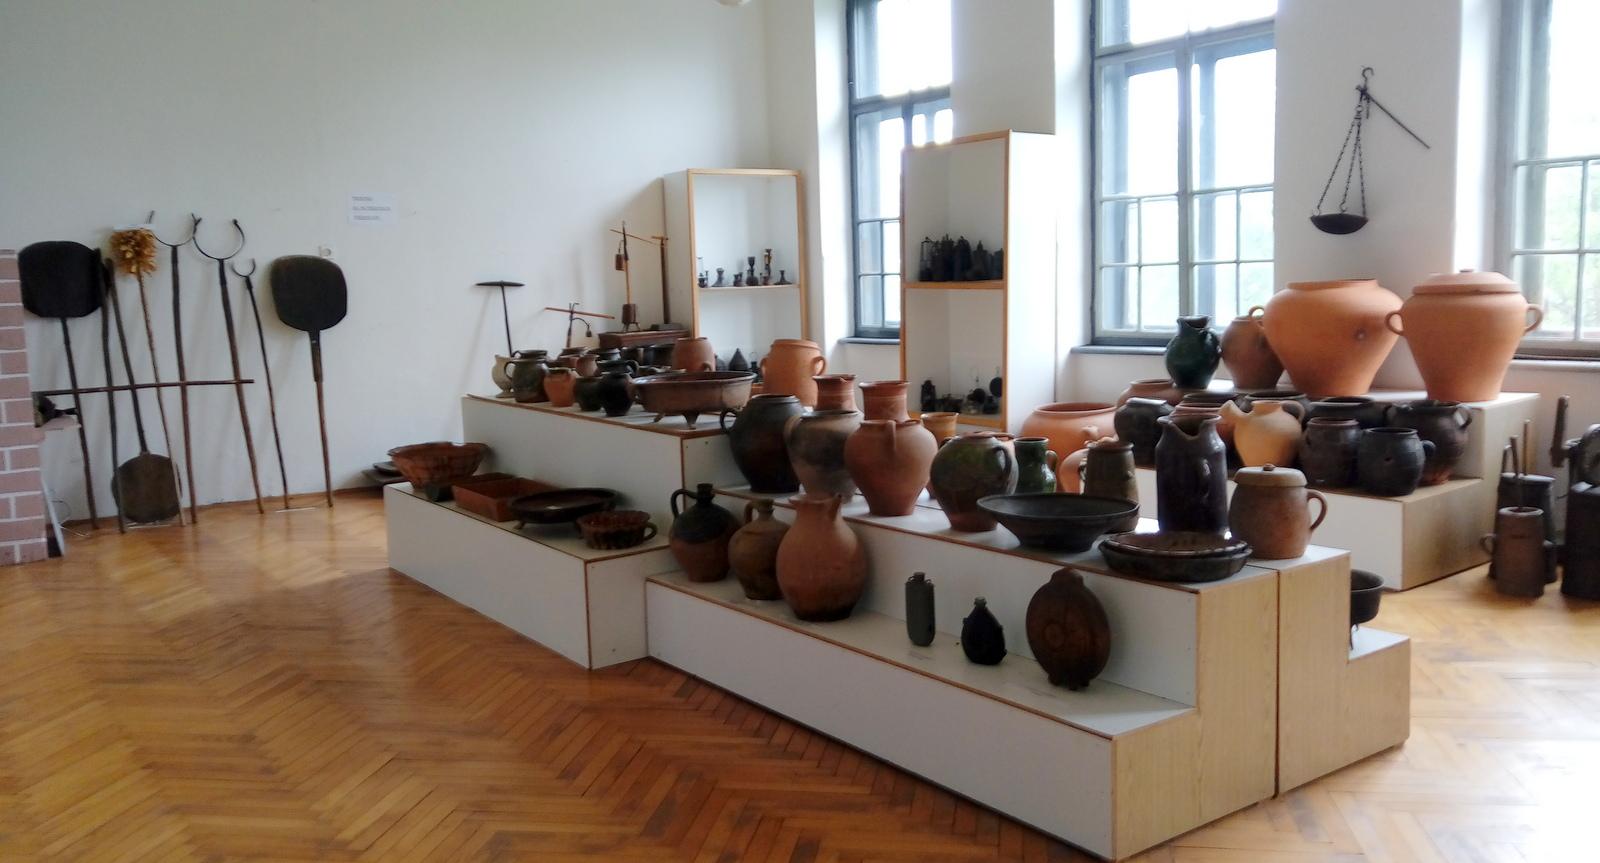 Obsežna zbirka lončenih izdelkov